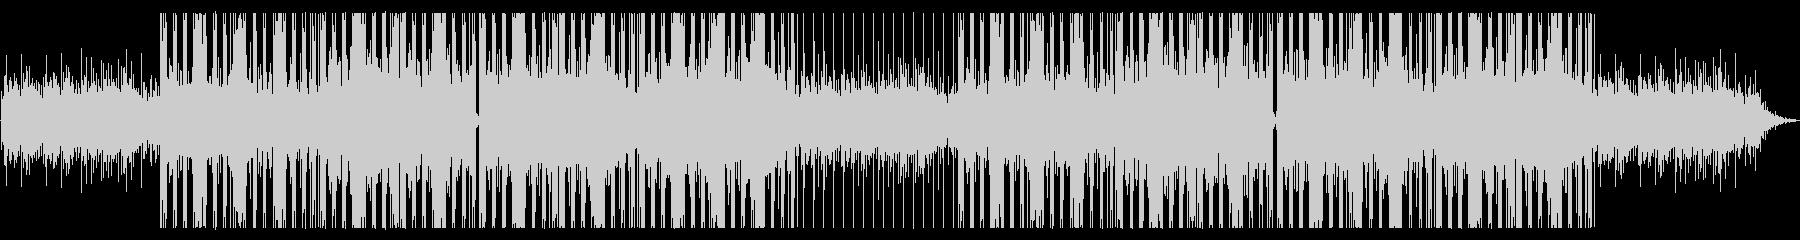 村・フィールド曲 ファンタジー系ゲームの未再生の波形